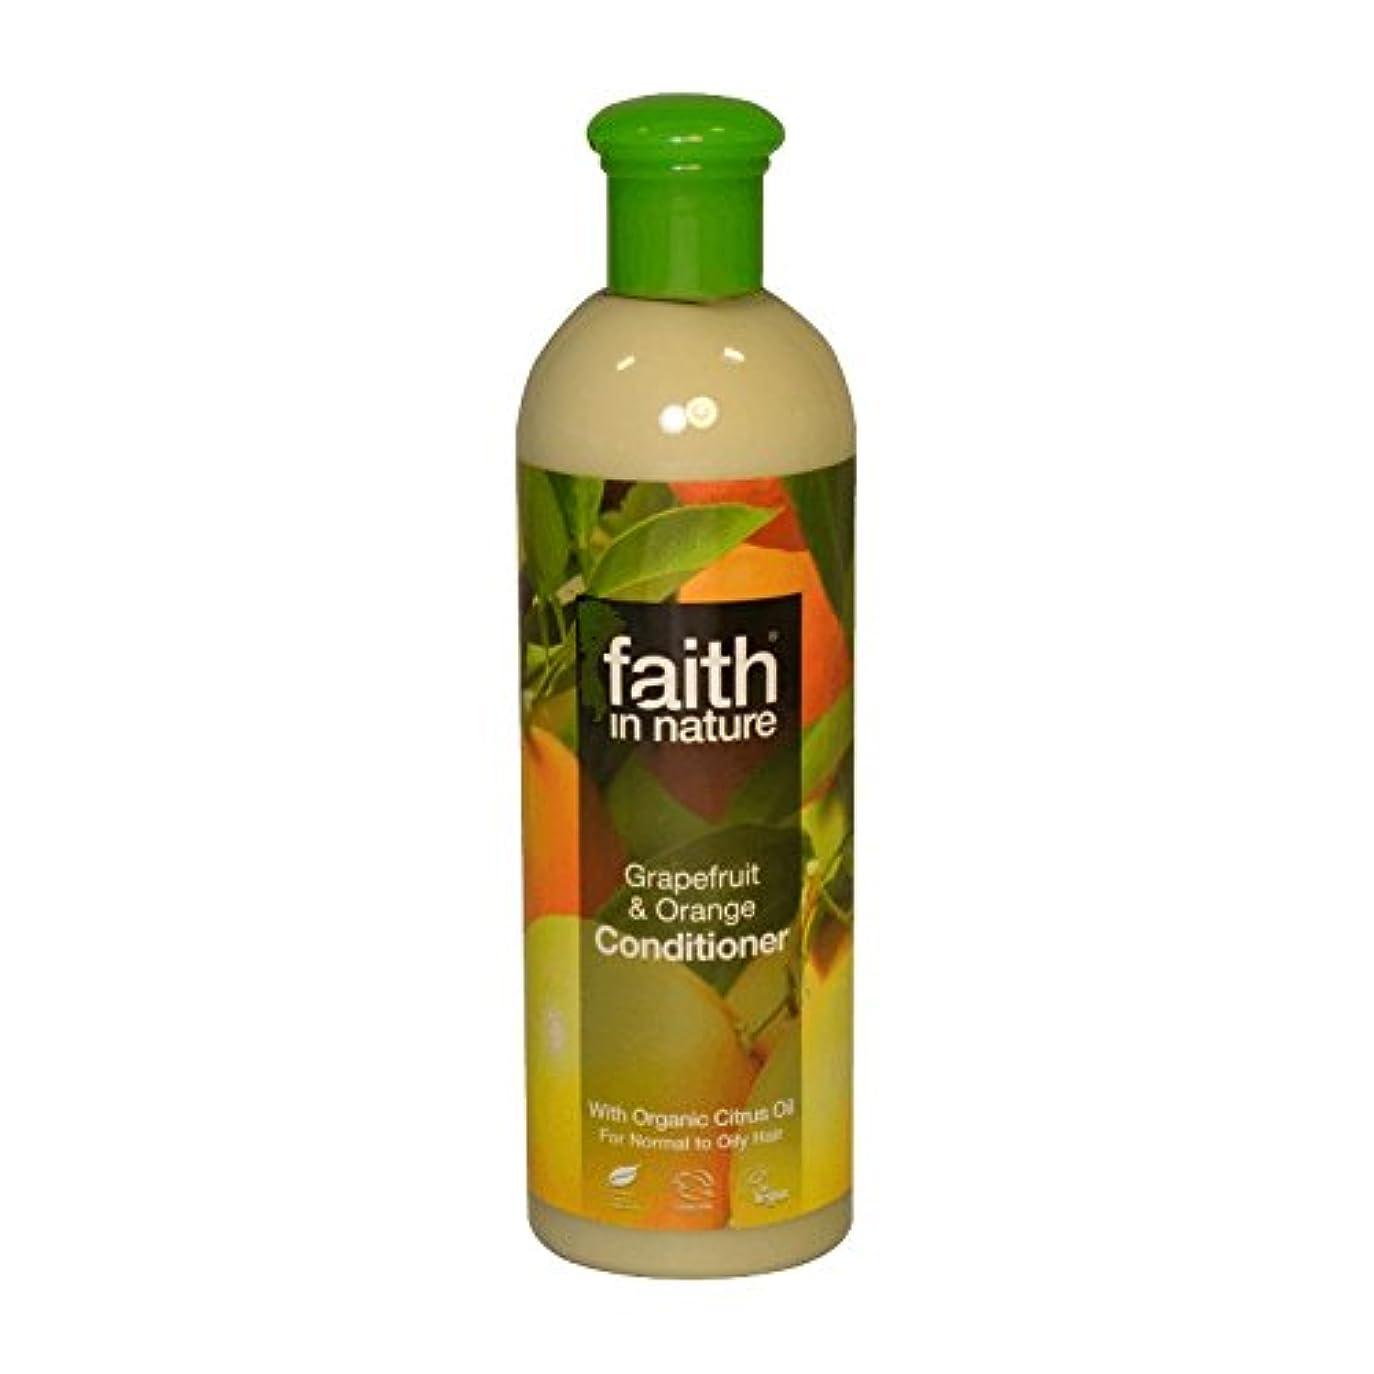 リブ形容詞ゆりFaith in Nature Grapefruit & Orange Conditioner 400ml (Pack of 2) - 自然グレープフルーツ&オレンジコンディショナー400ミリリットルの信仰 (x2) [...